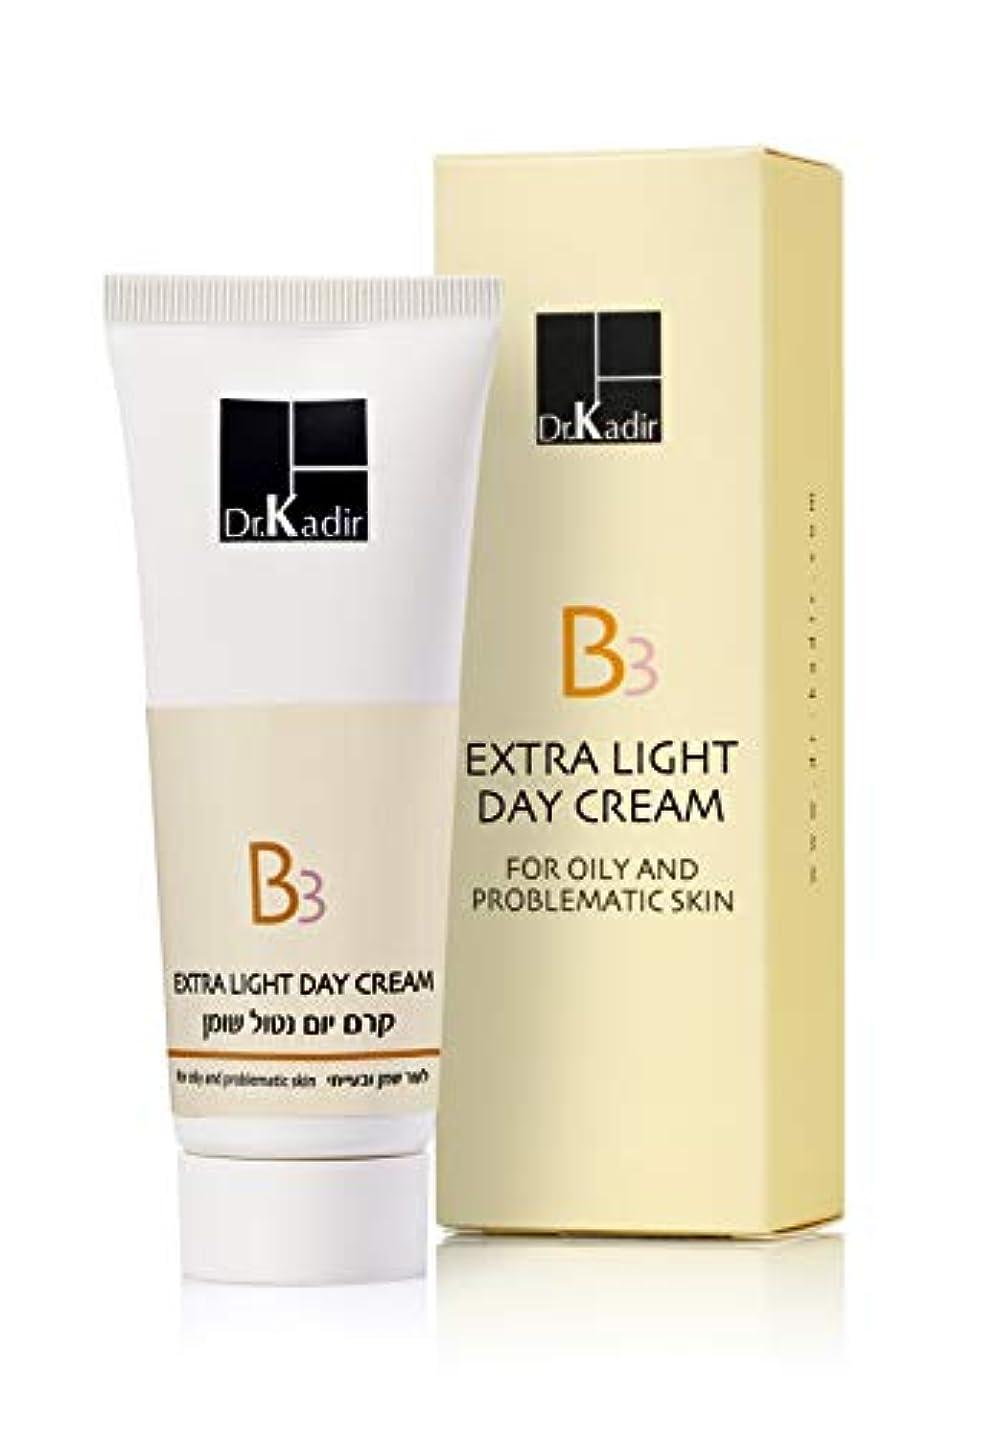 魔術ビザ熱帯のDr. Kadir B3 Extra Light Day Cream for Oily and Problematic Skin 75ml